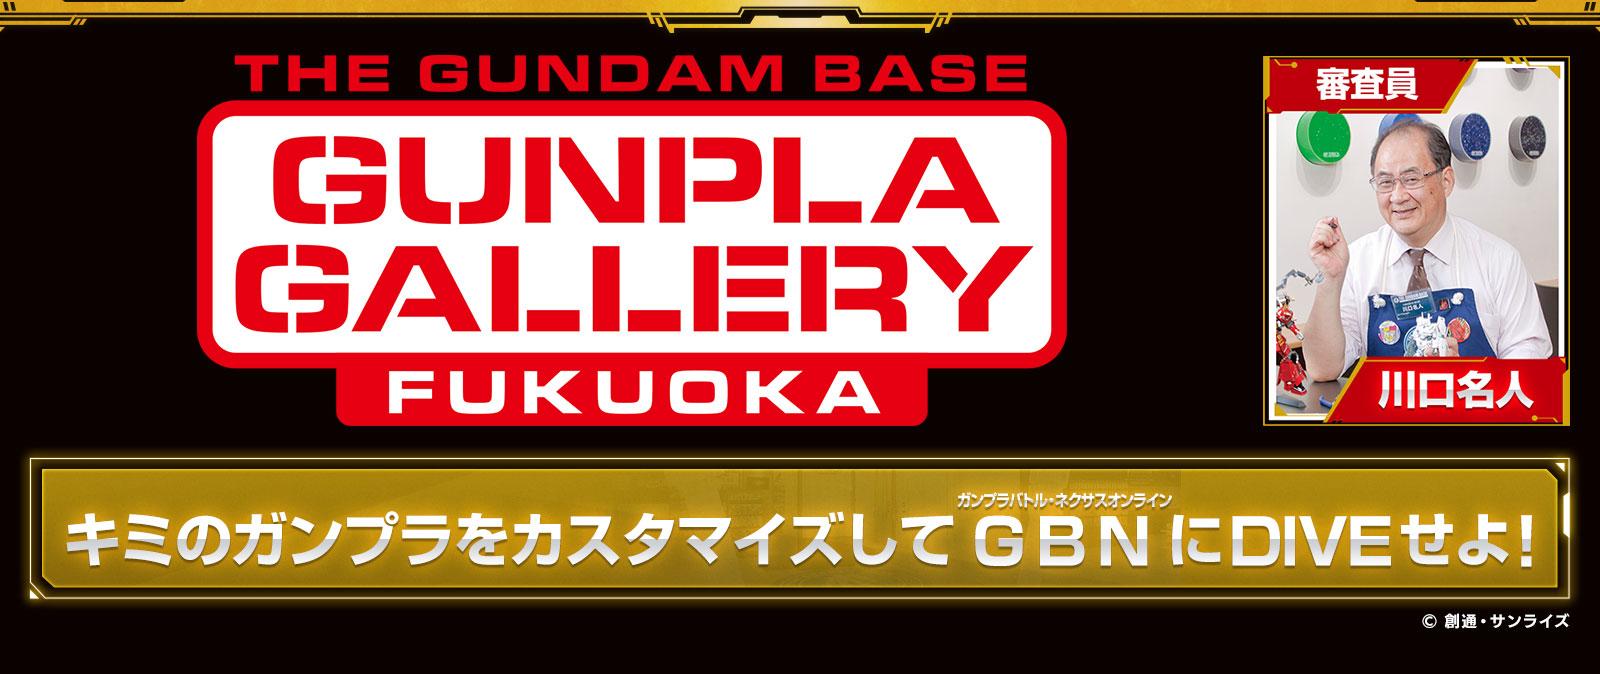 THE GUNDAM BASE FUKUOKAでの展示作品を募集!